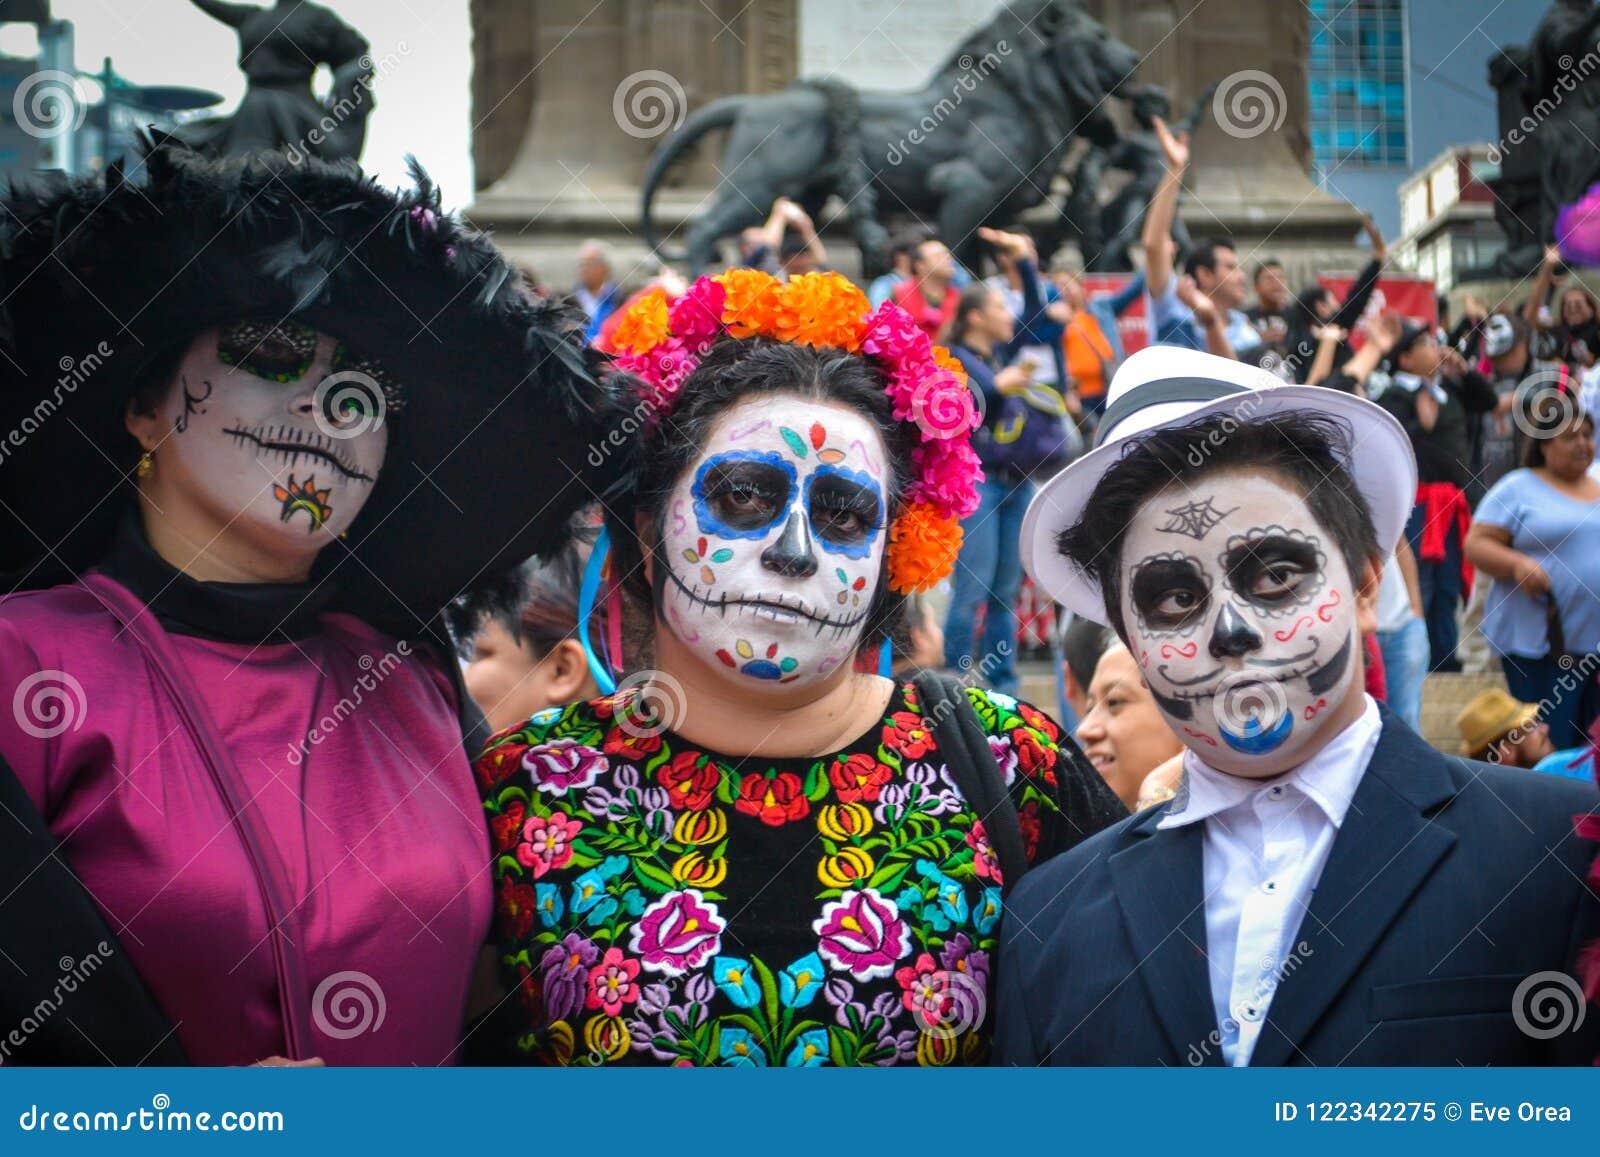 Mexico, Mexique ; Le 26 octobre 2016 : Portrait d une famille dans le déguisement au jour du défilé mort à Mexico